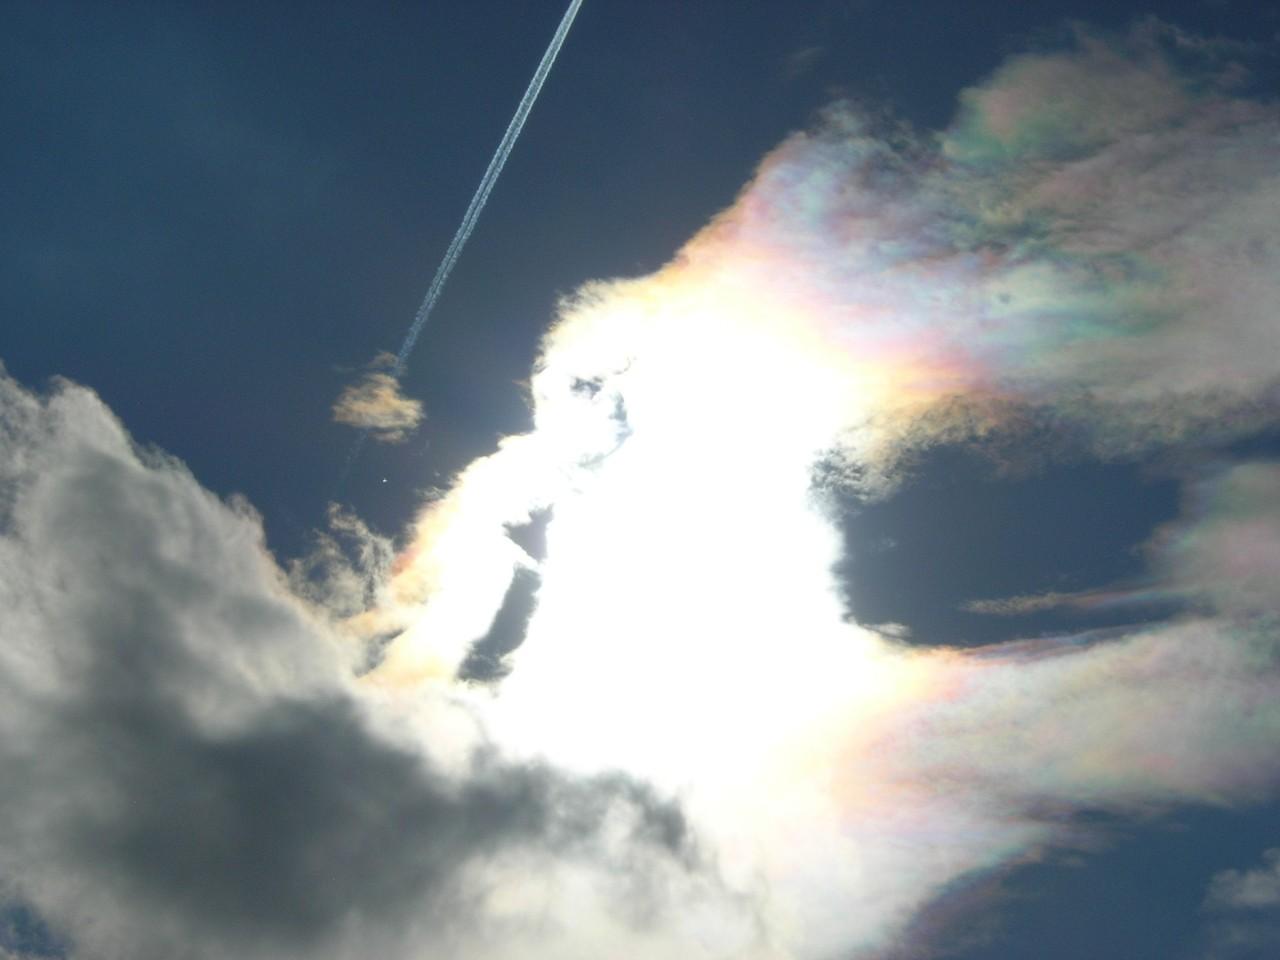 """Abgesehen von dem Flugzeug und der farbenfrohen HAARP-Wolke ist hier auch noch ein """"Unbekanntes FlugObjekt"""" zu sehen."""